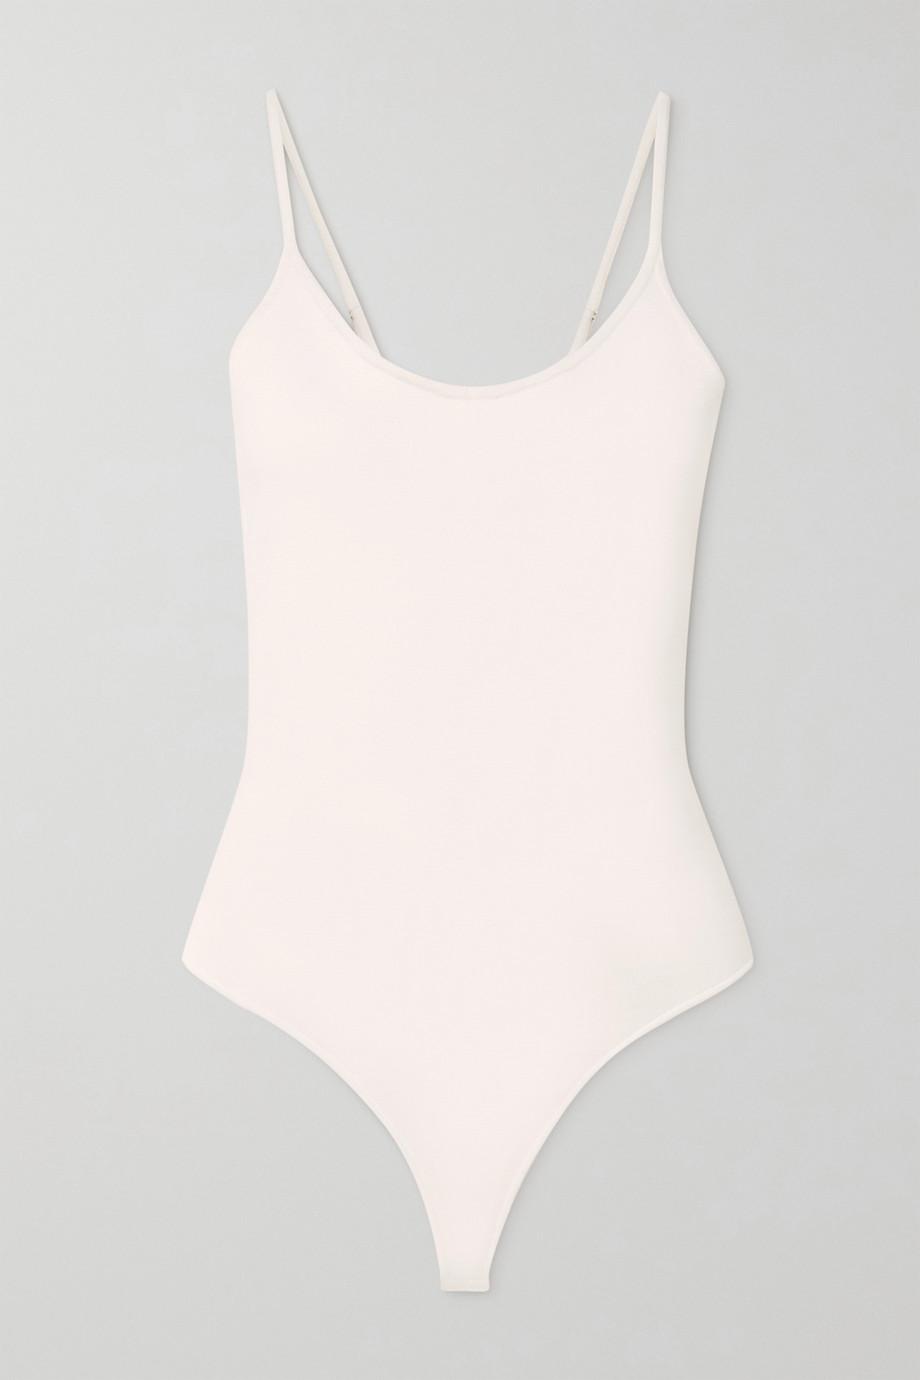 A.L.C. A.L.C. x Petra Flannery Mara stretch-knit bodysuit